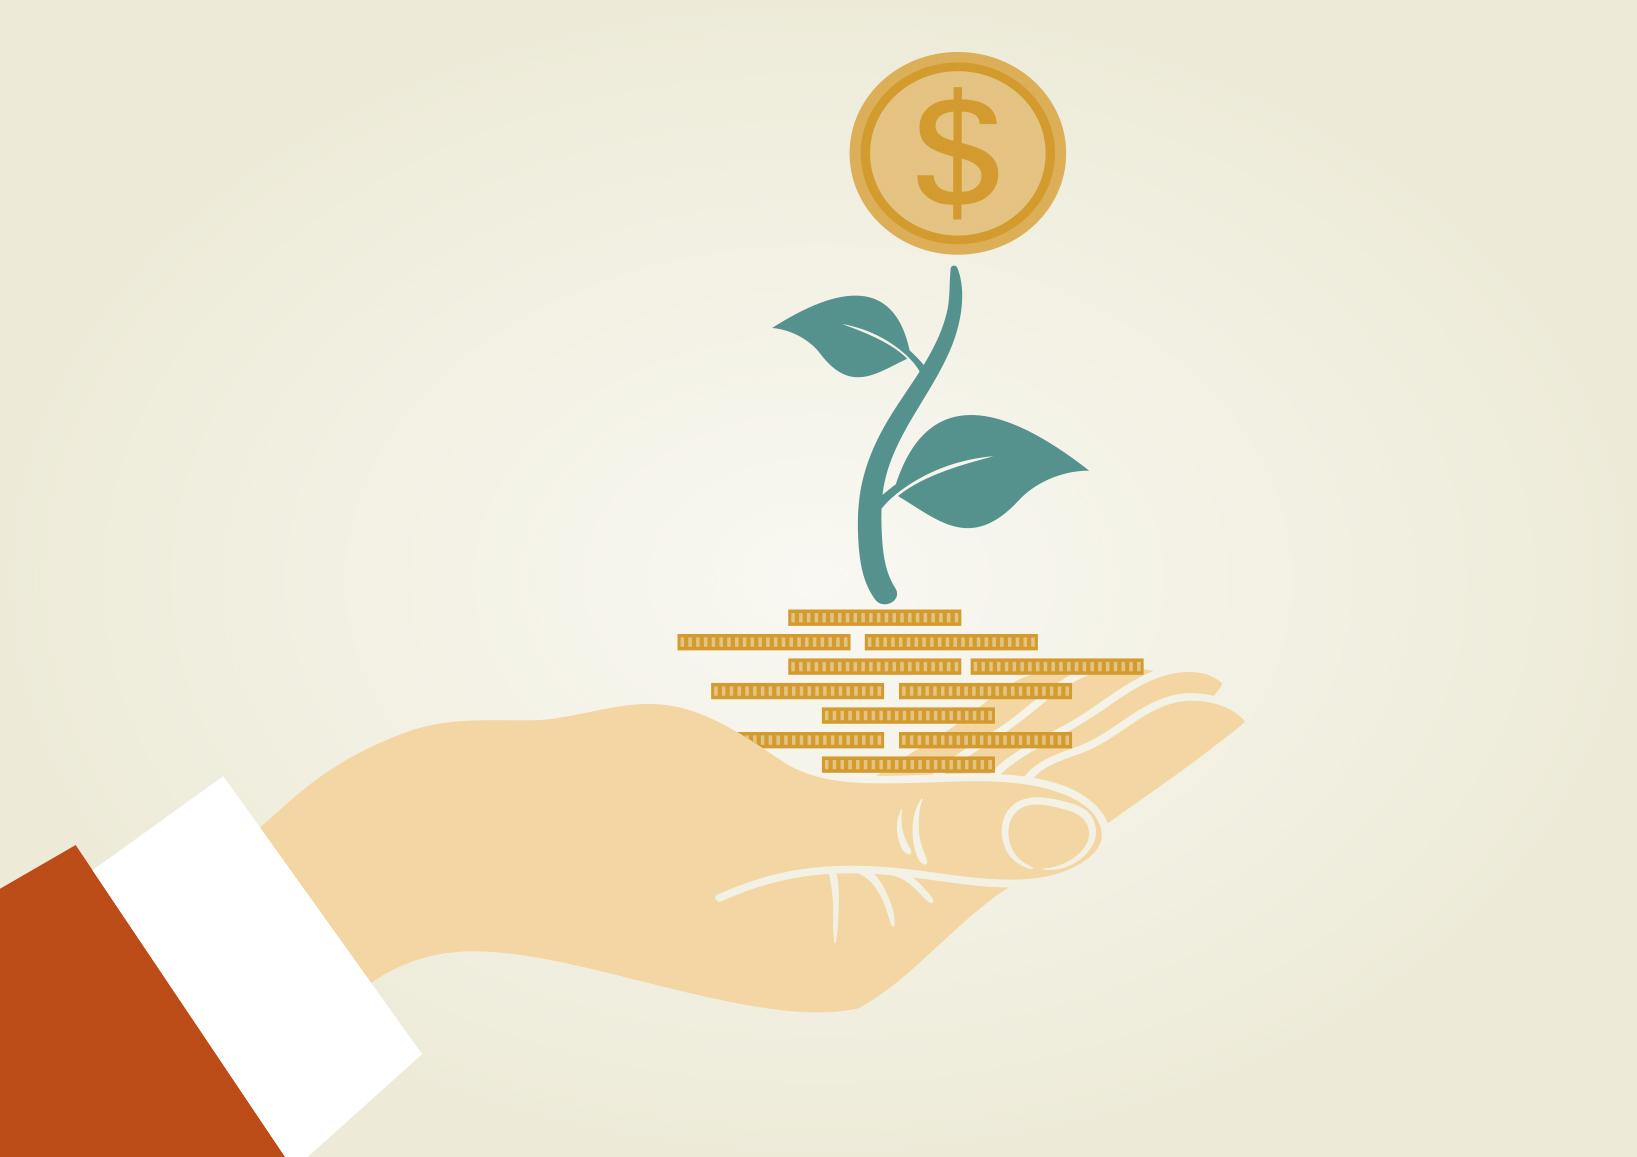 presentazione-corsi-di-finanza-aziendale-30-settembre-2014-rivarolo-canavese-to.jpg